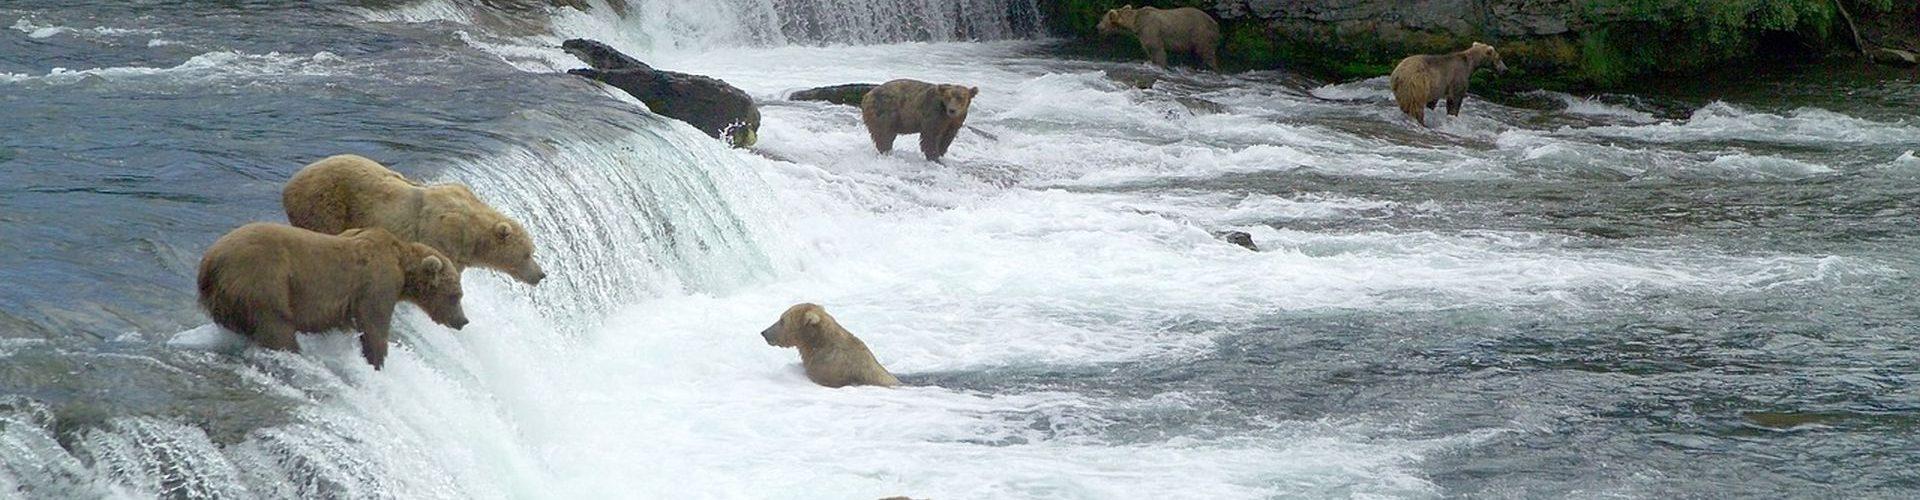 דובים חומים מנסים לתפוס דגים